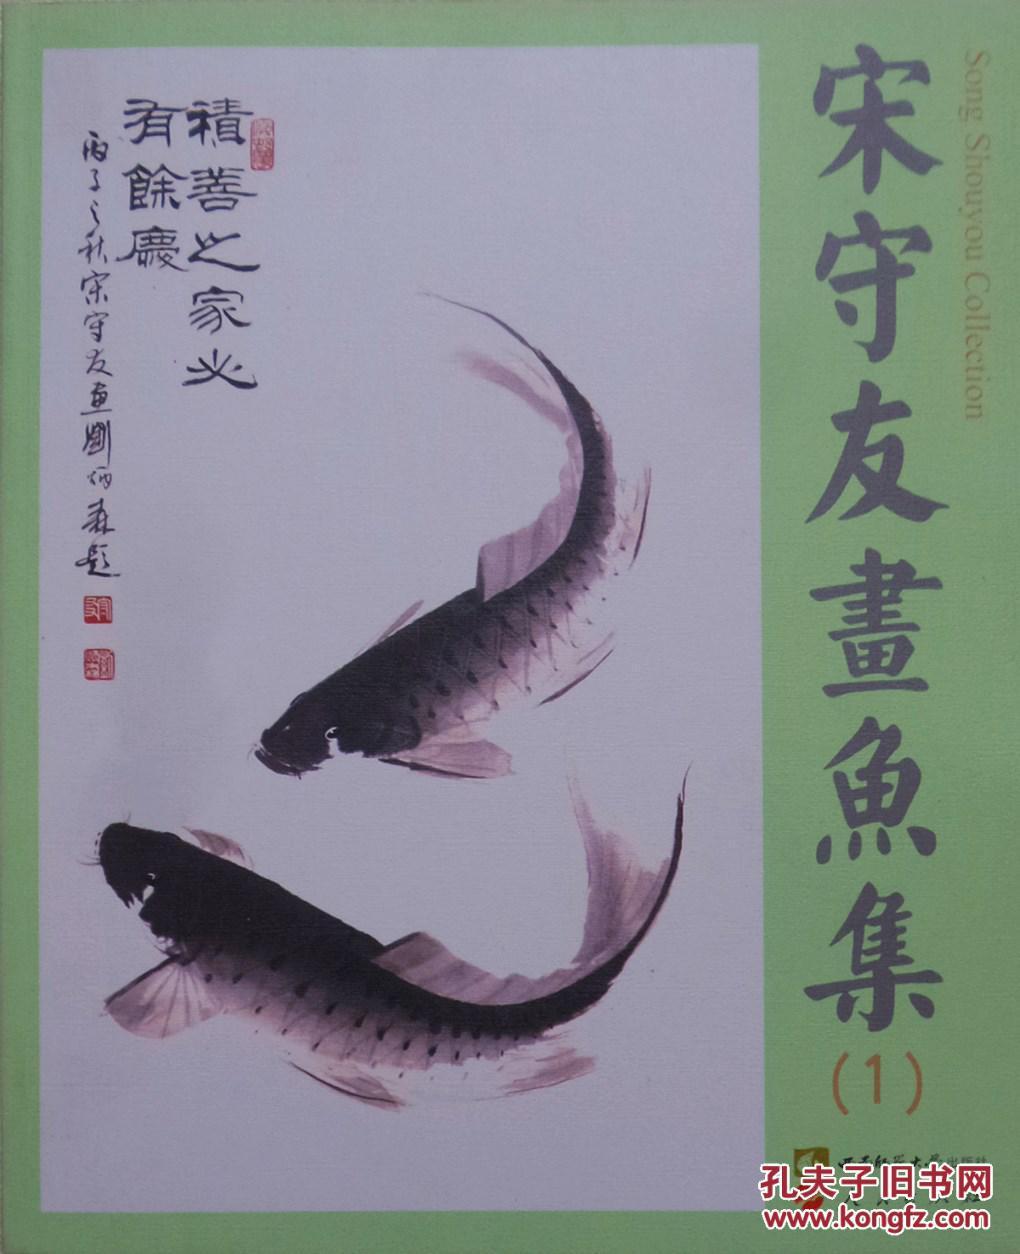 鱼王《宋守友画鱼集》 精装 (包正版),来自唐山皮影戏故乡的守友兄对自由自在的那种淡定从容深人他的骨髓。是他选择了鱼,还是鱼选择了他,一切或许早已是冥冥注定。